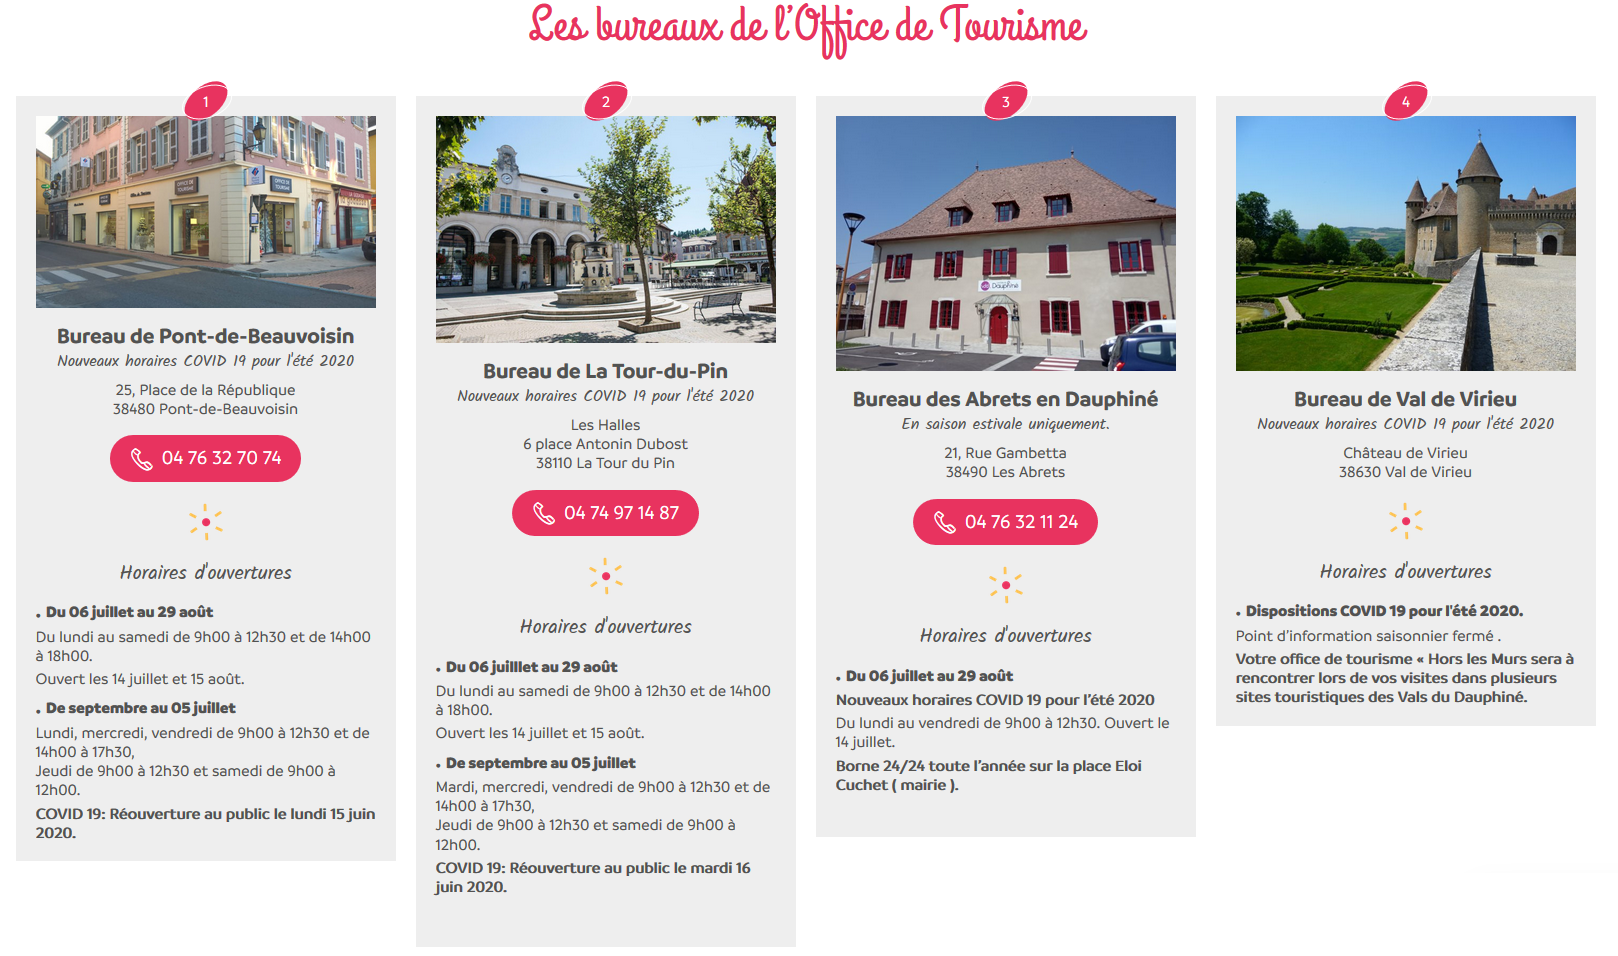 office de tourisme, bureaux, adresse, horaires d'ouverture